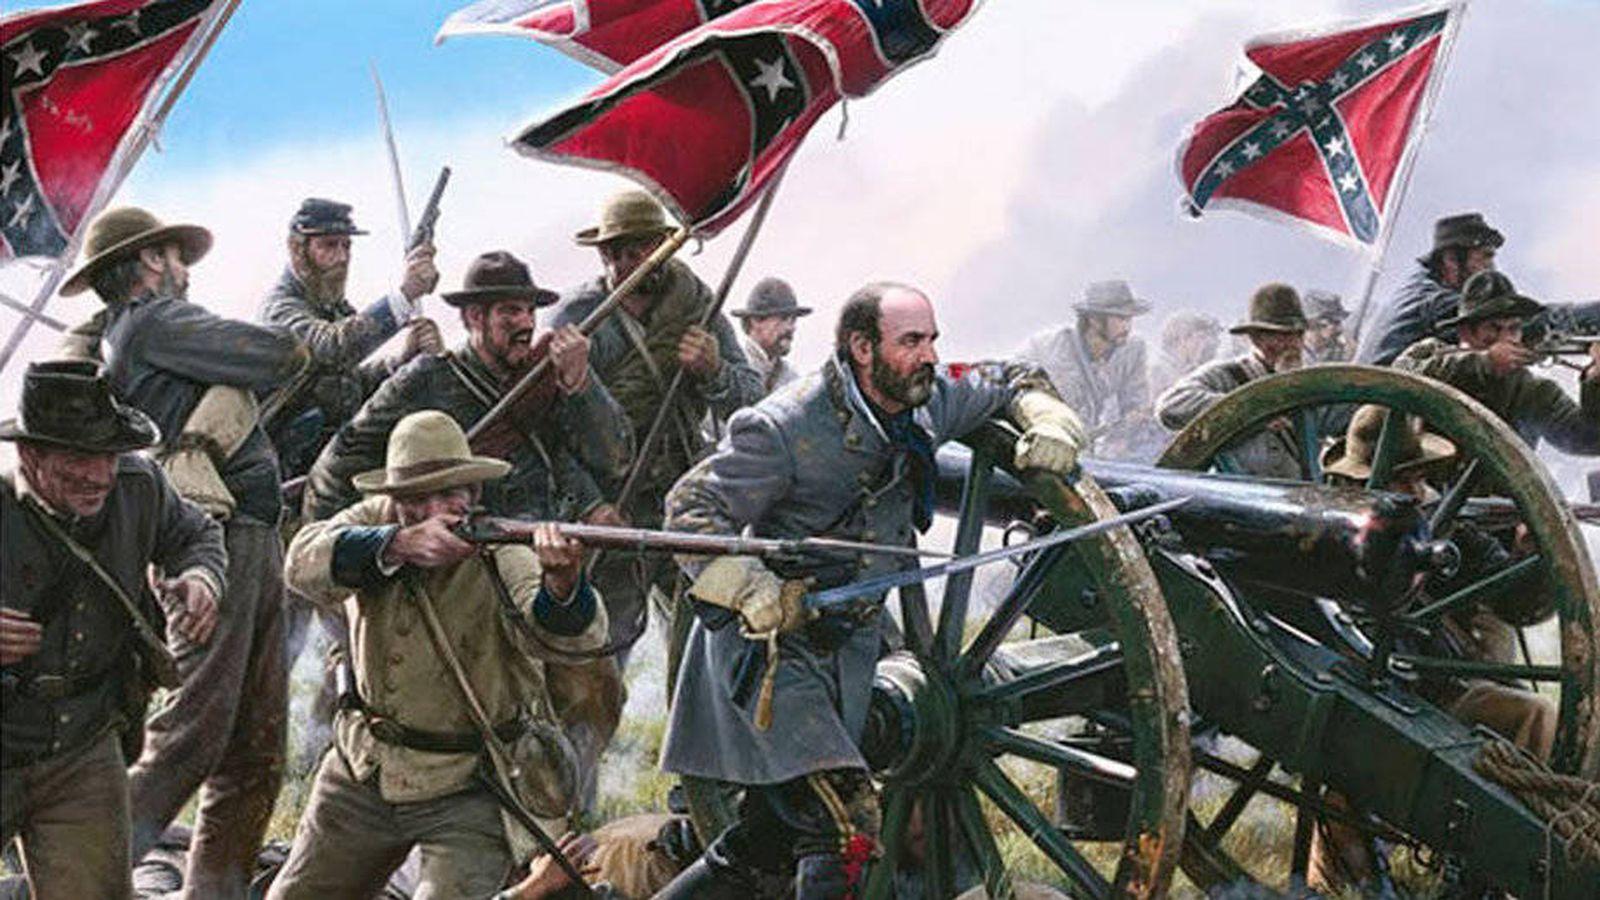 Foto: Confederados en la Guerra de Secesión americana